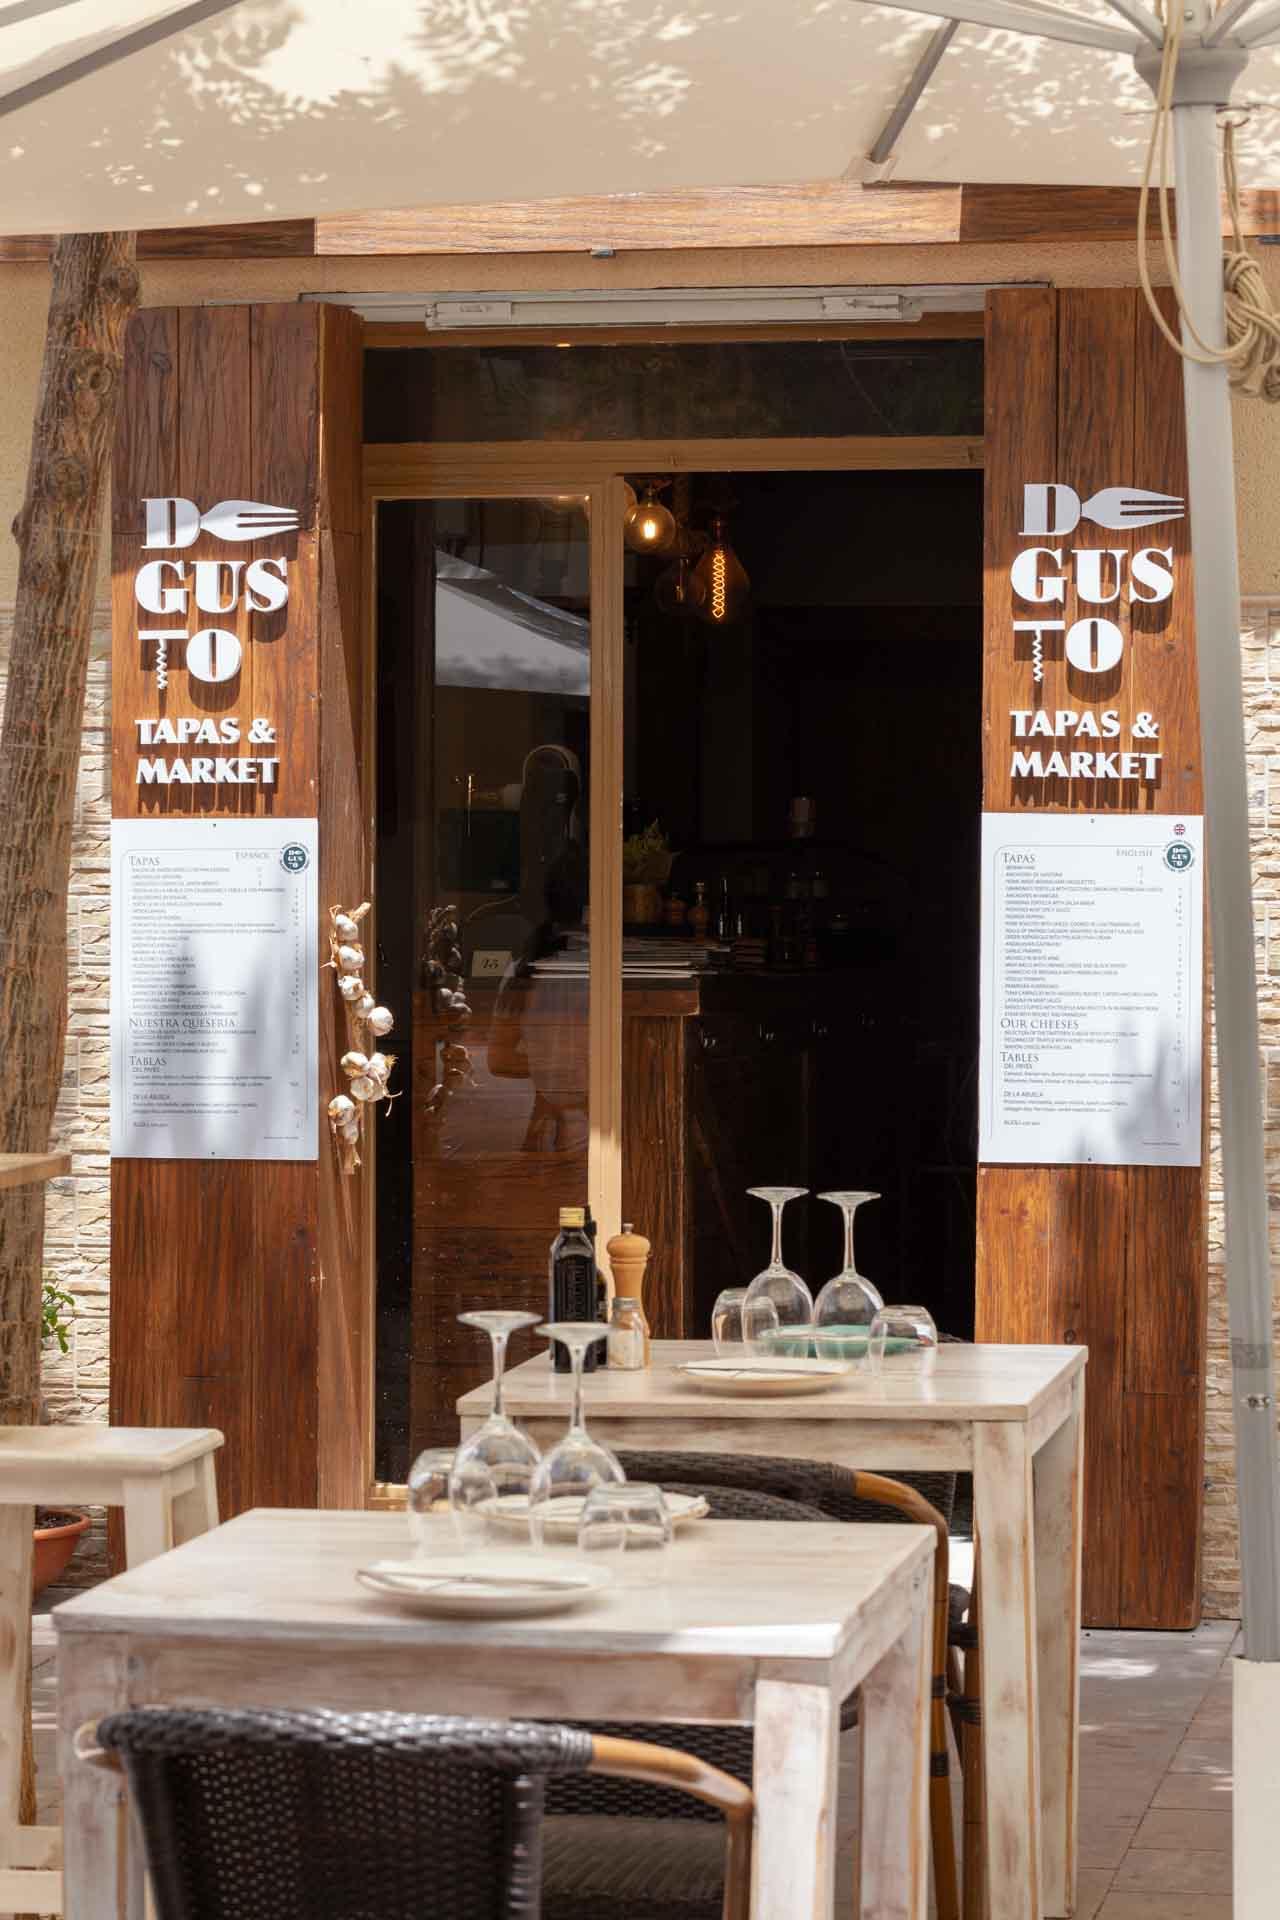 tienda-gourmet-Historias-en-Bianco-e-Rosso-y-De-Gusto-Blog-Nuevaconexion